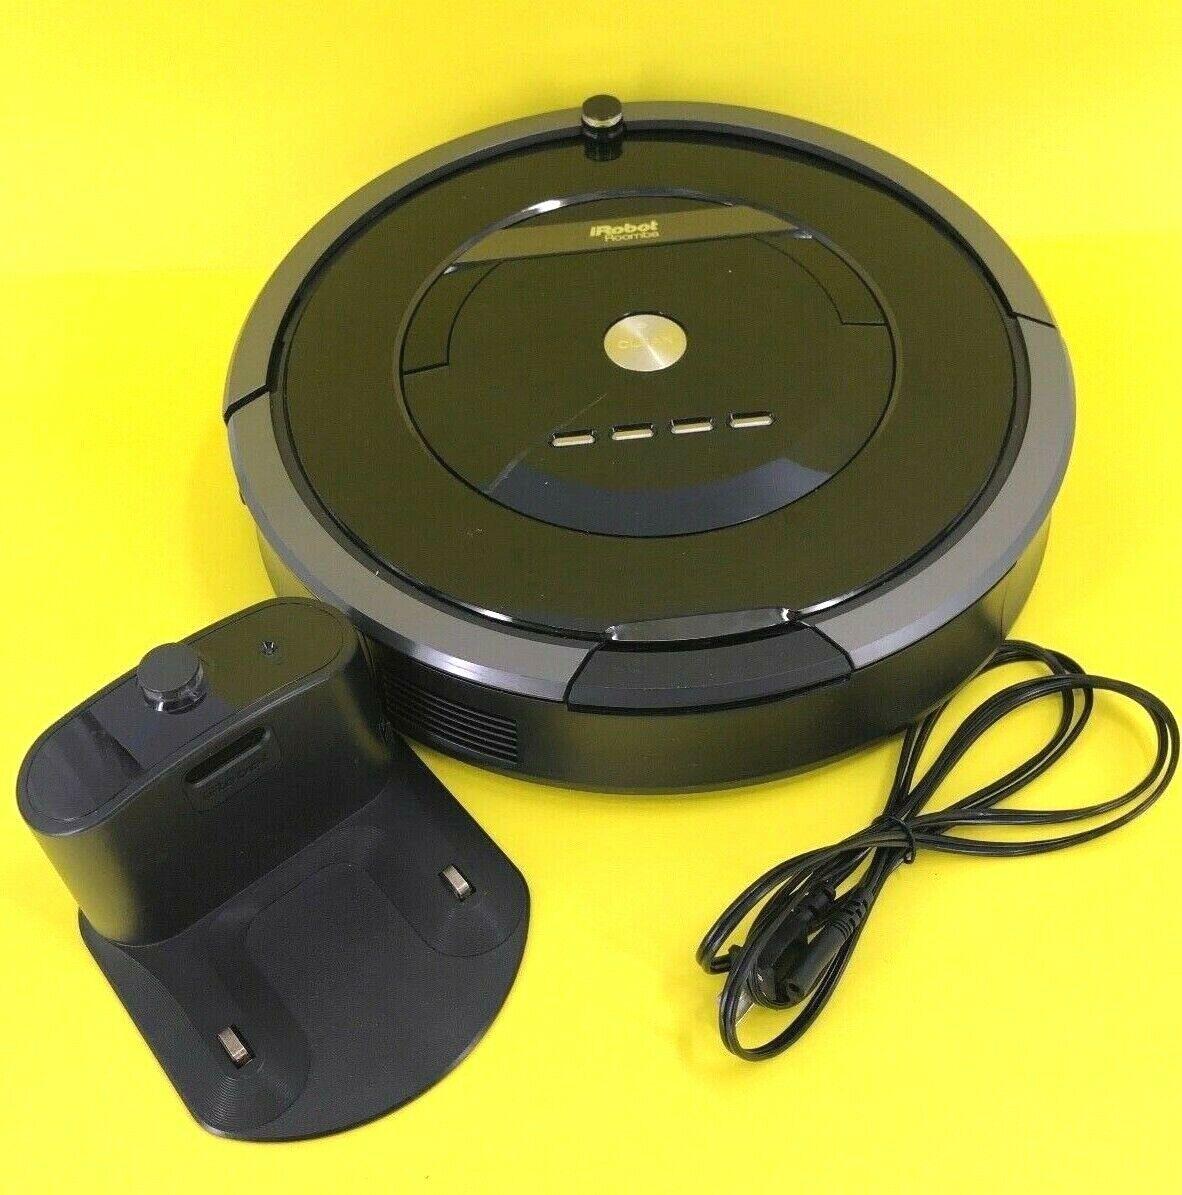 IRobot Roomba 880 Robot Vacuum + base station only   udu77